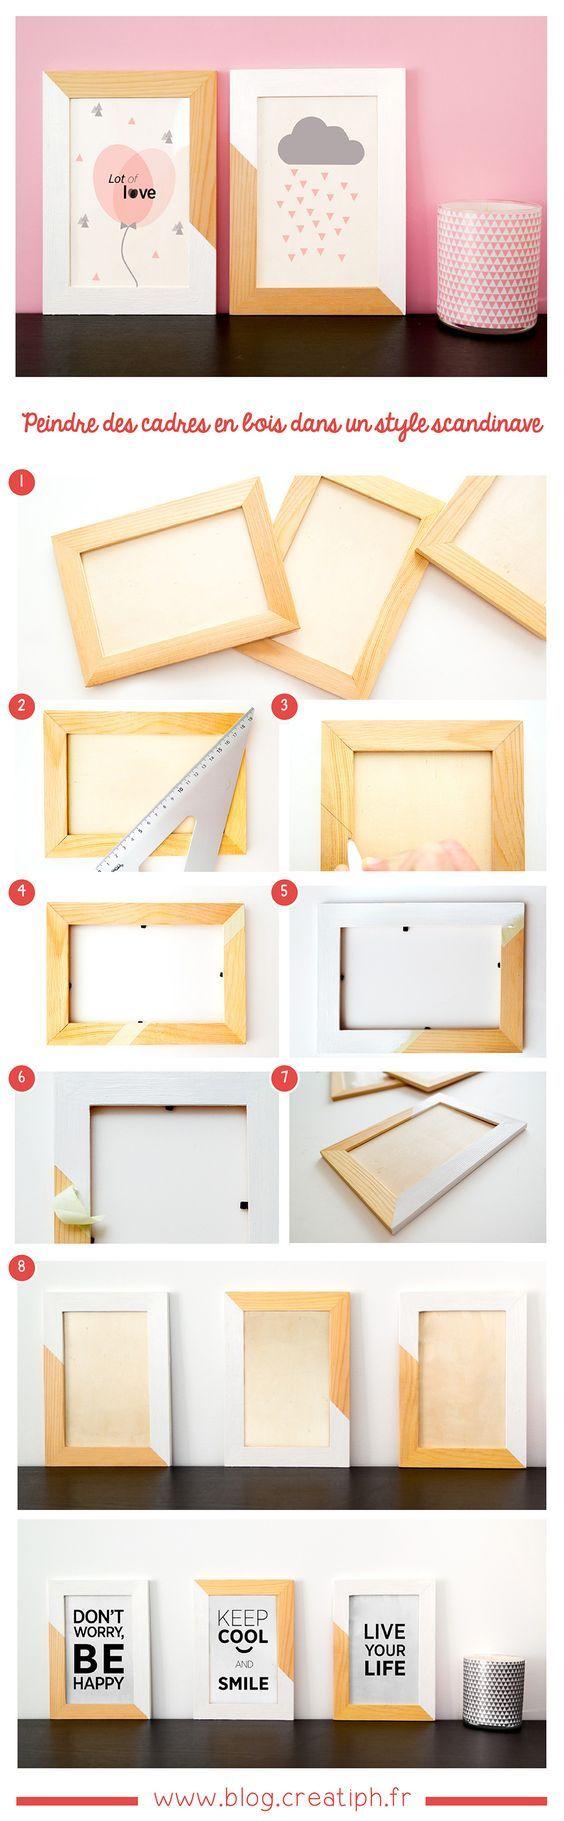 peindre des cadres en bois pour une d coration dans un style scandinave cadre bois scandinave. Black Bedroom Furniture Sets. Home Design Ideas